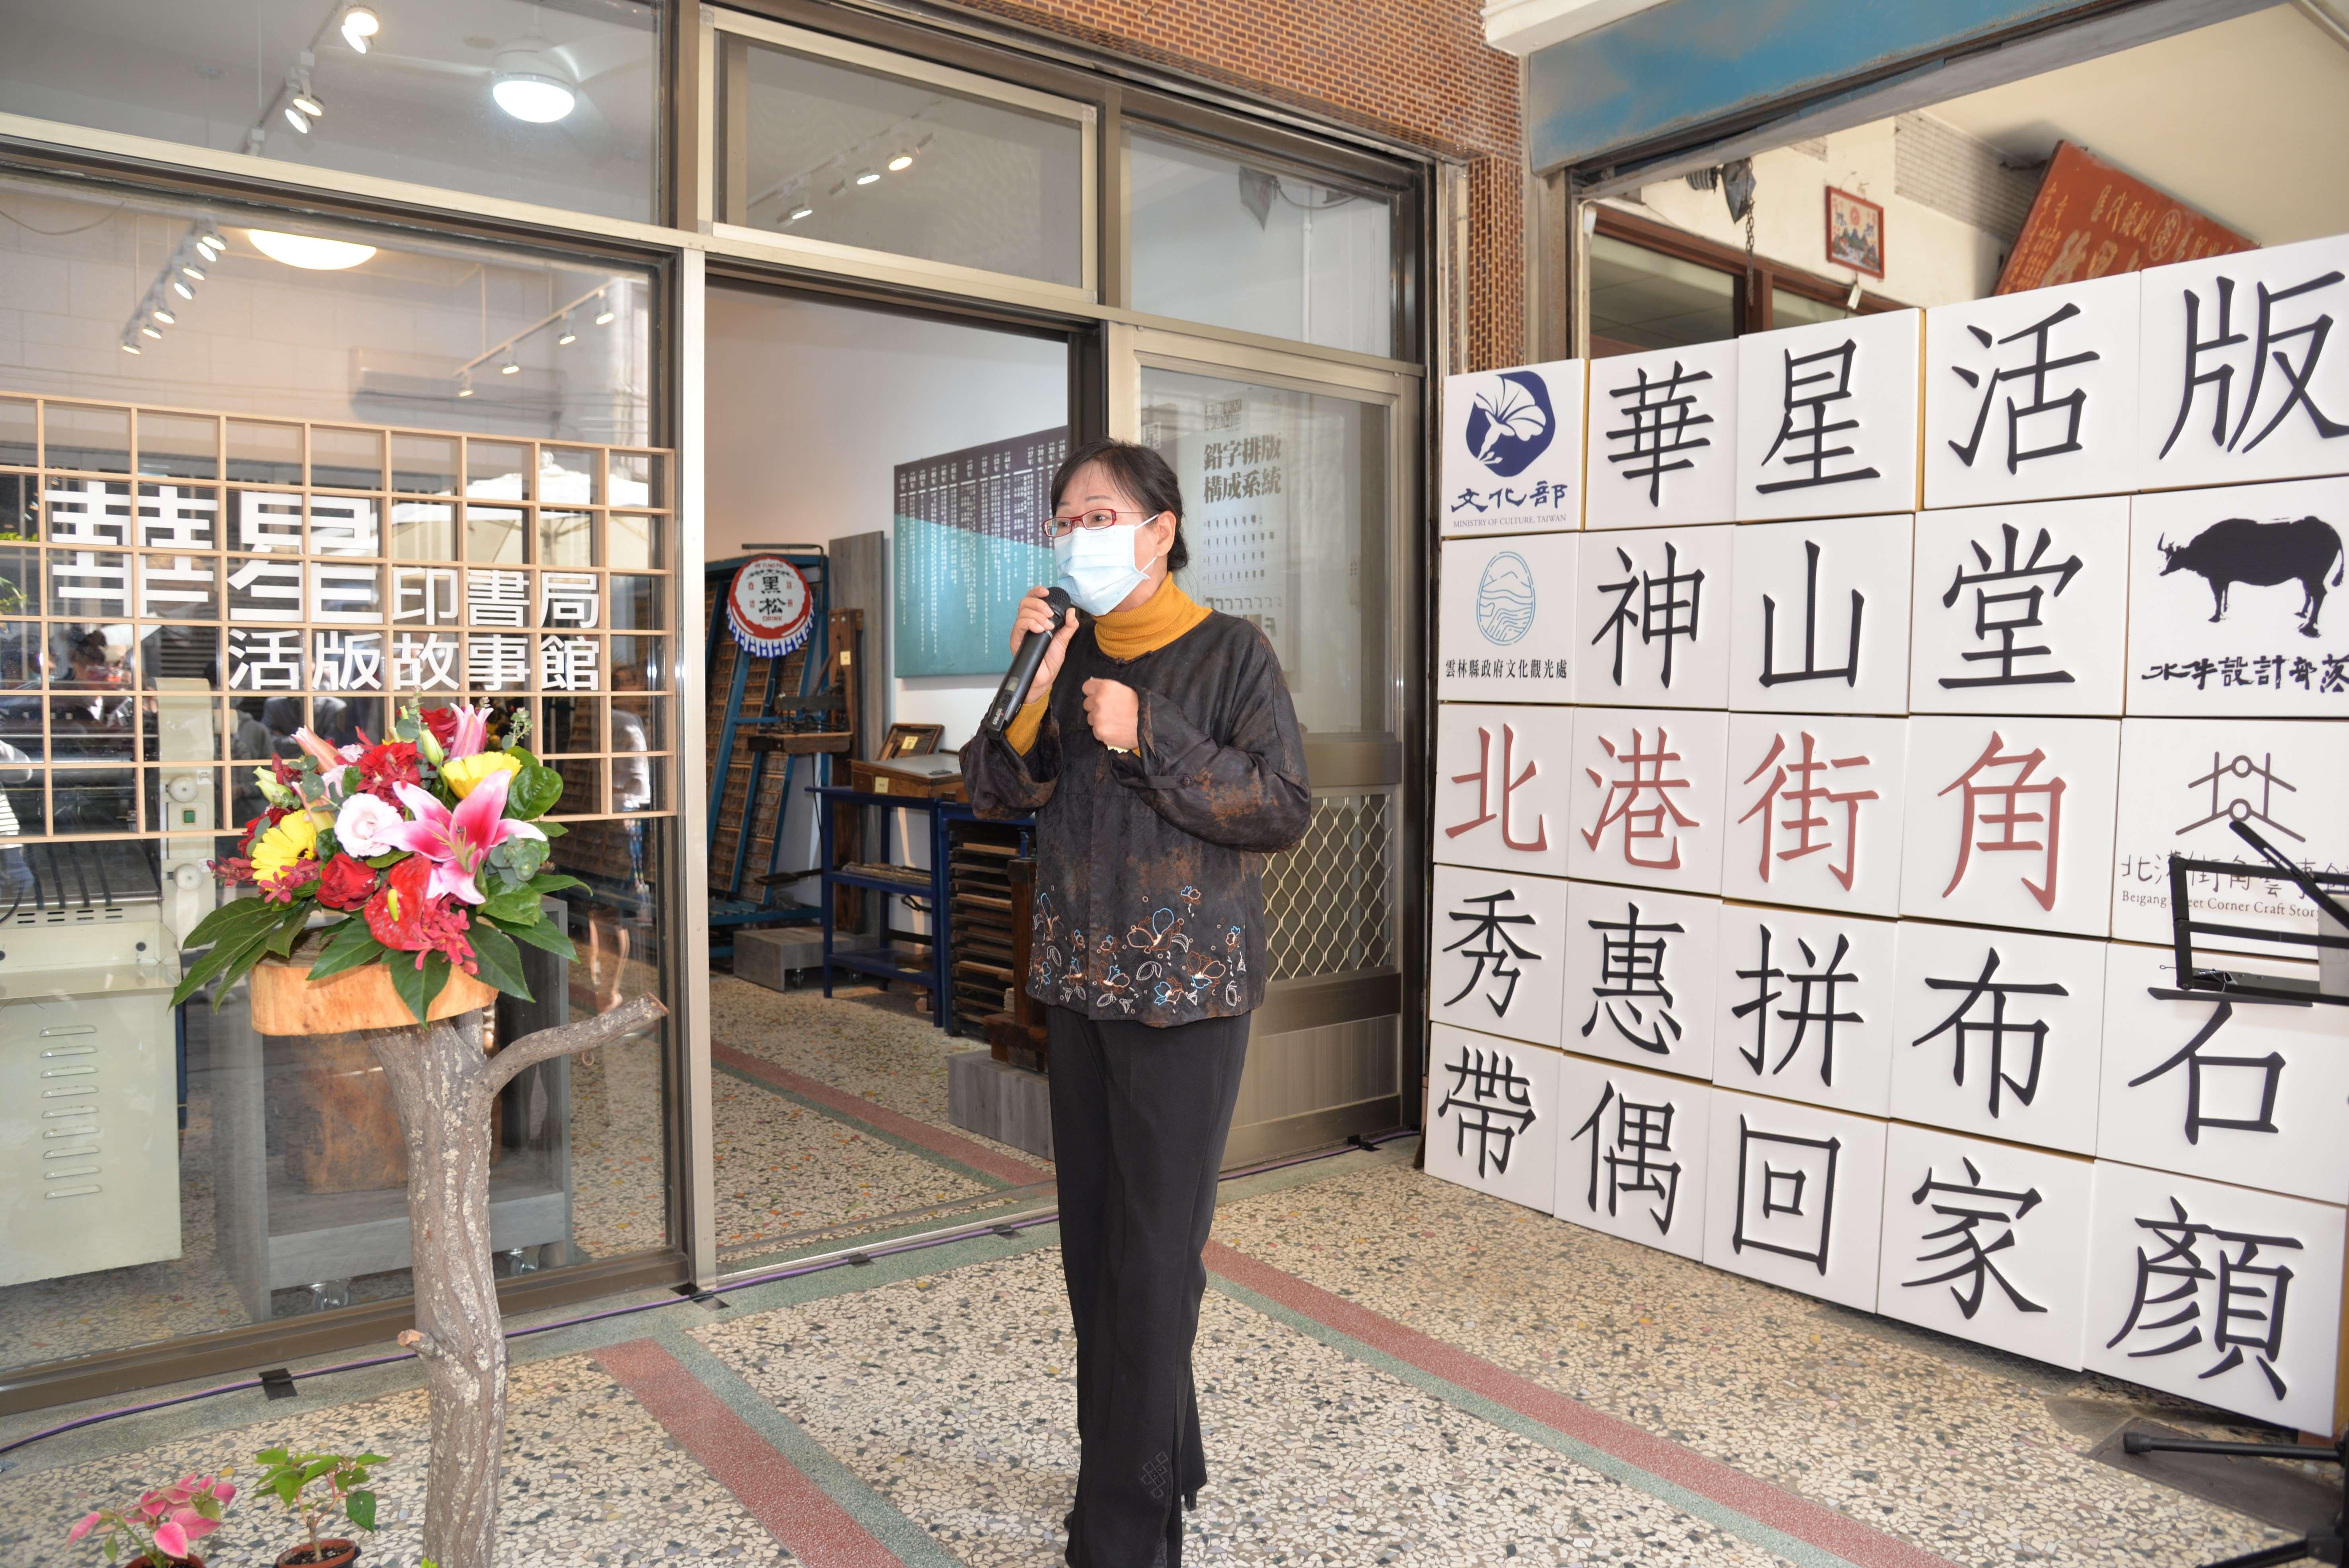 謝副縣長表示,希望透過有形場域改造,讓老百姓可就地就近欣賞無形工藝文化魅力